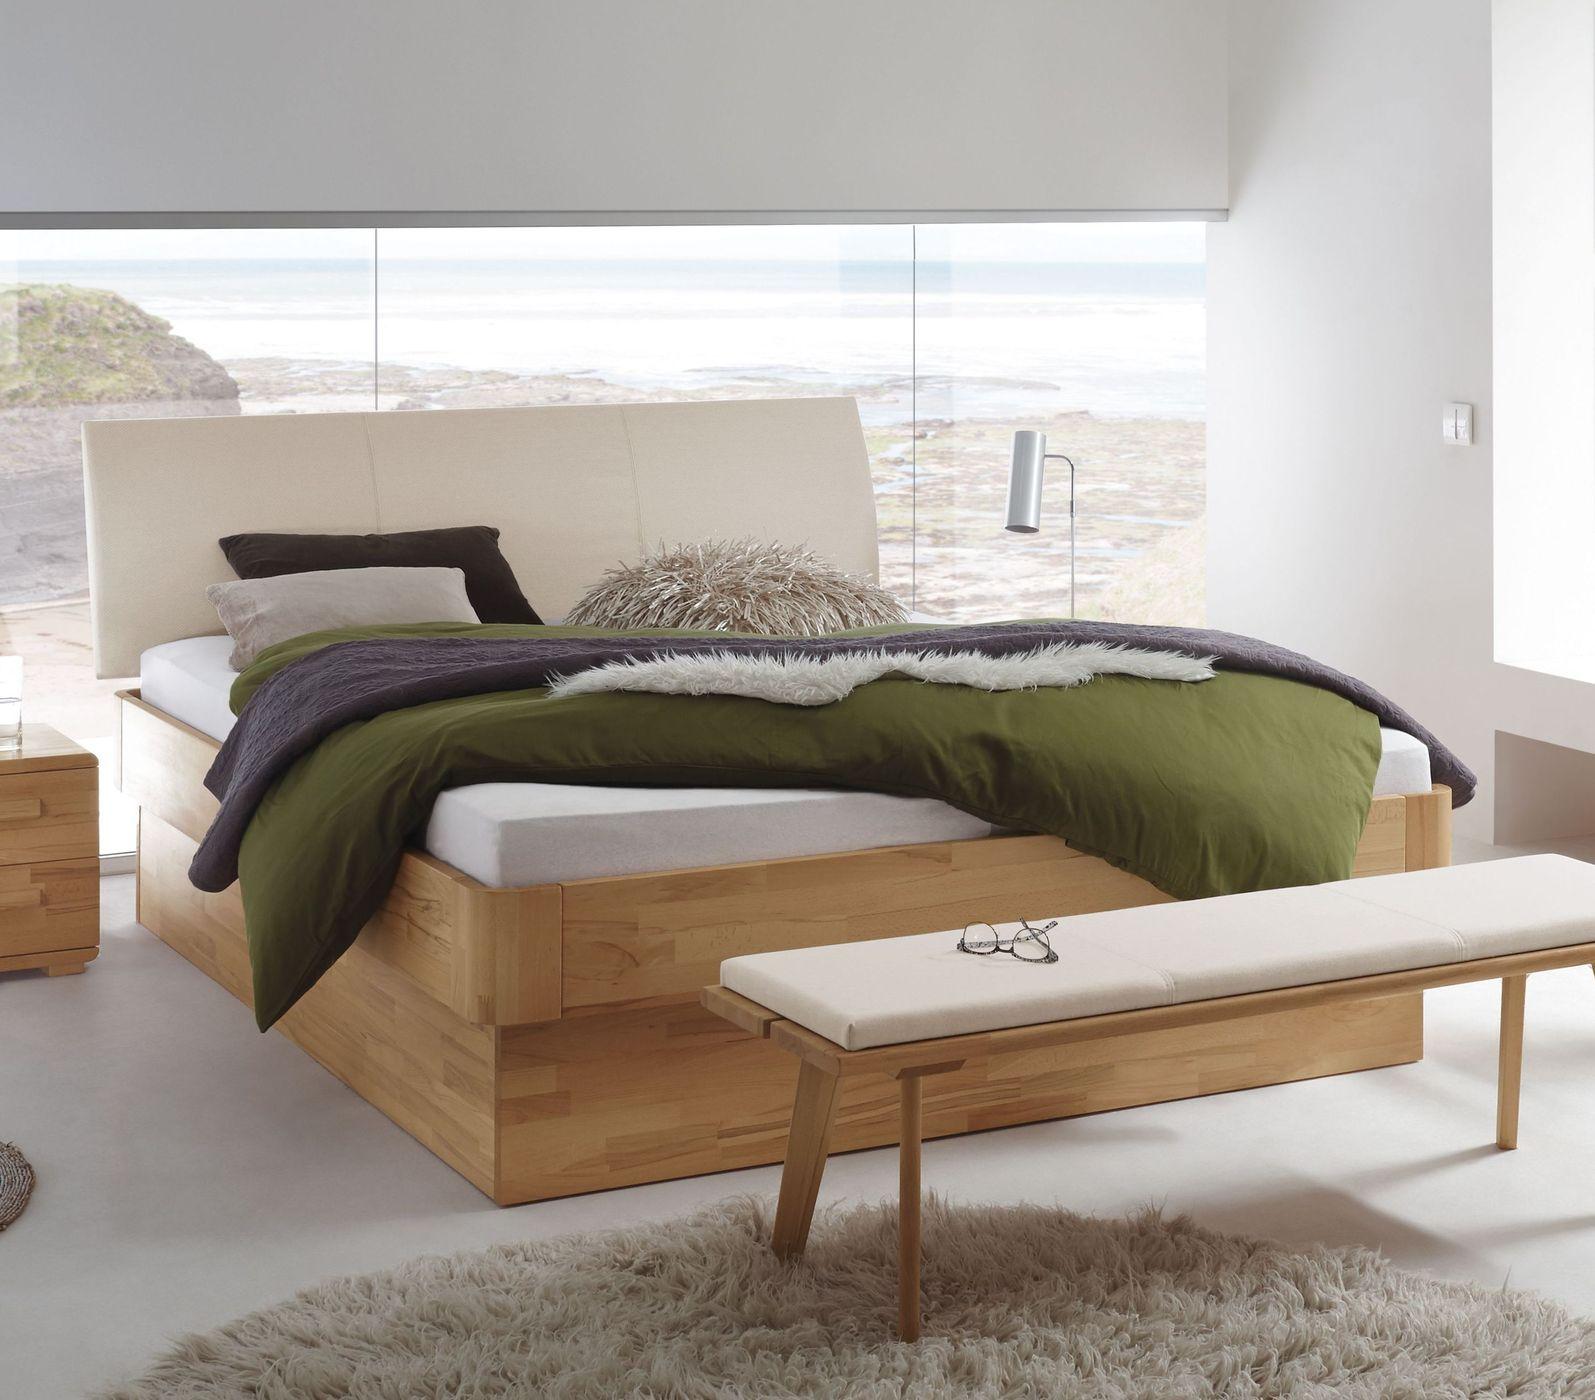 Hasena Fine-Line Betten z. B. aus Nussbaum kaufen | BETTEN.de